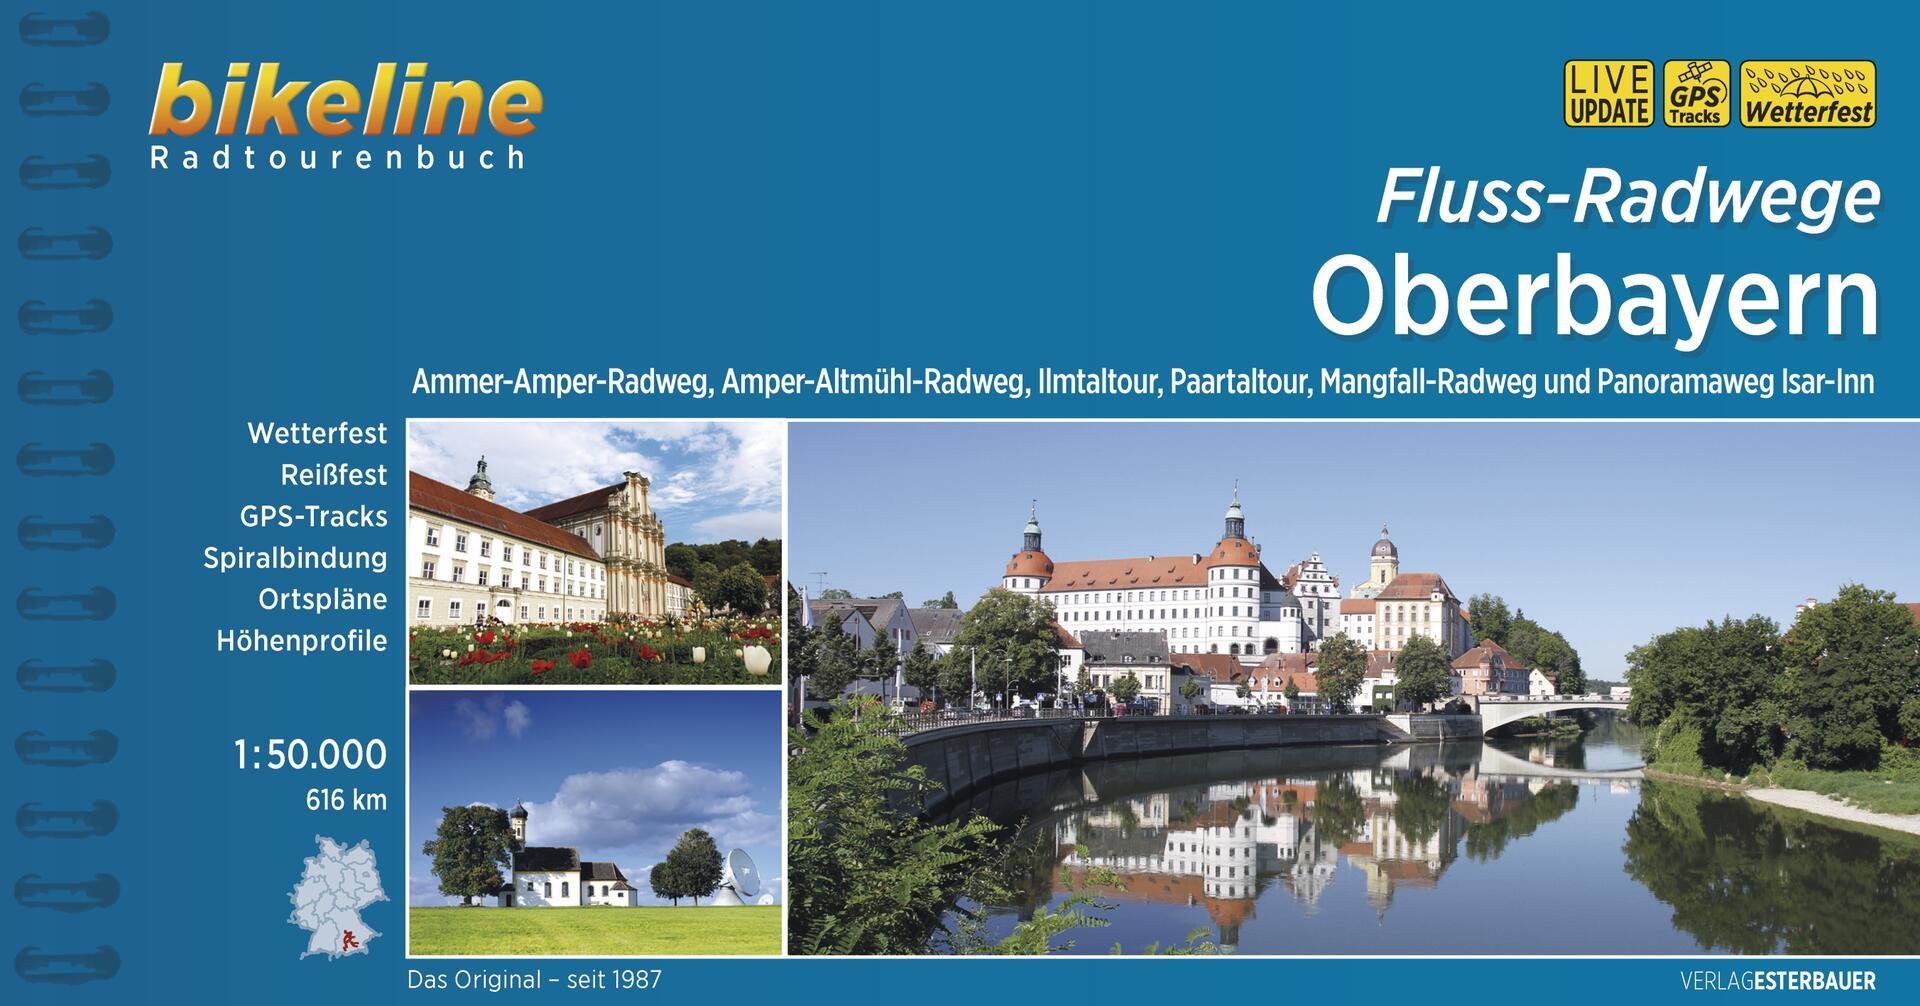 Foto vom Fluss-Radwege Oberbayern